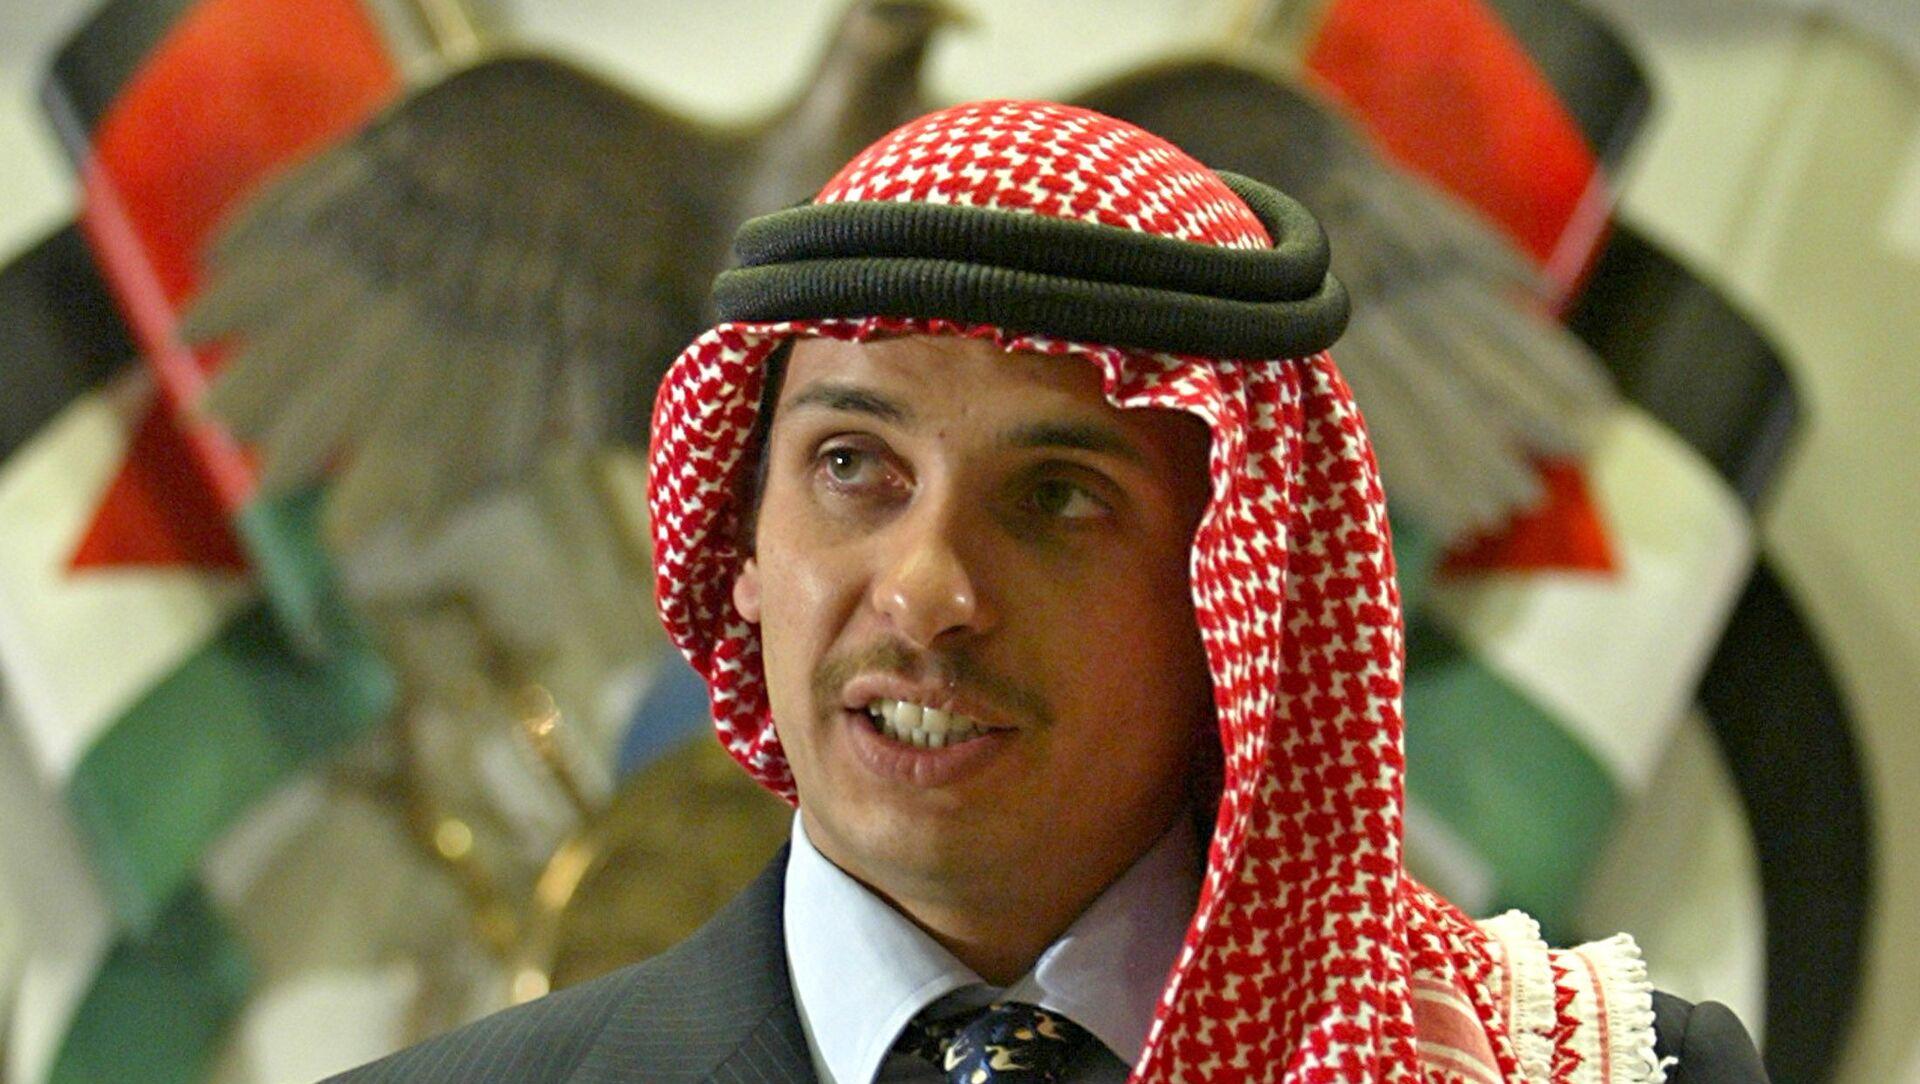 Јордански принц Хамза бин Хусеин  - Sputnik Србија, 1920, 04.04.2021